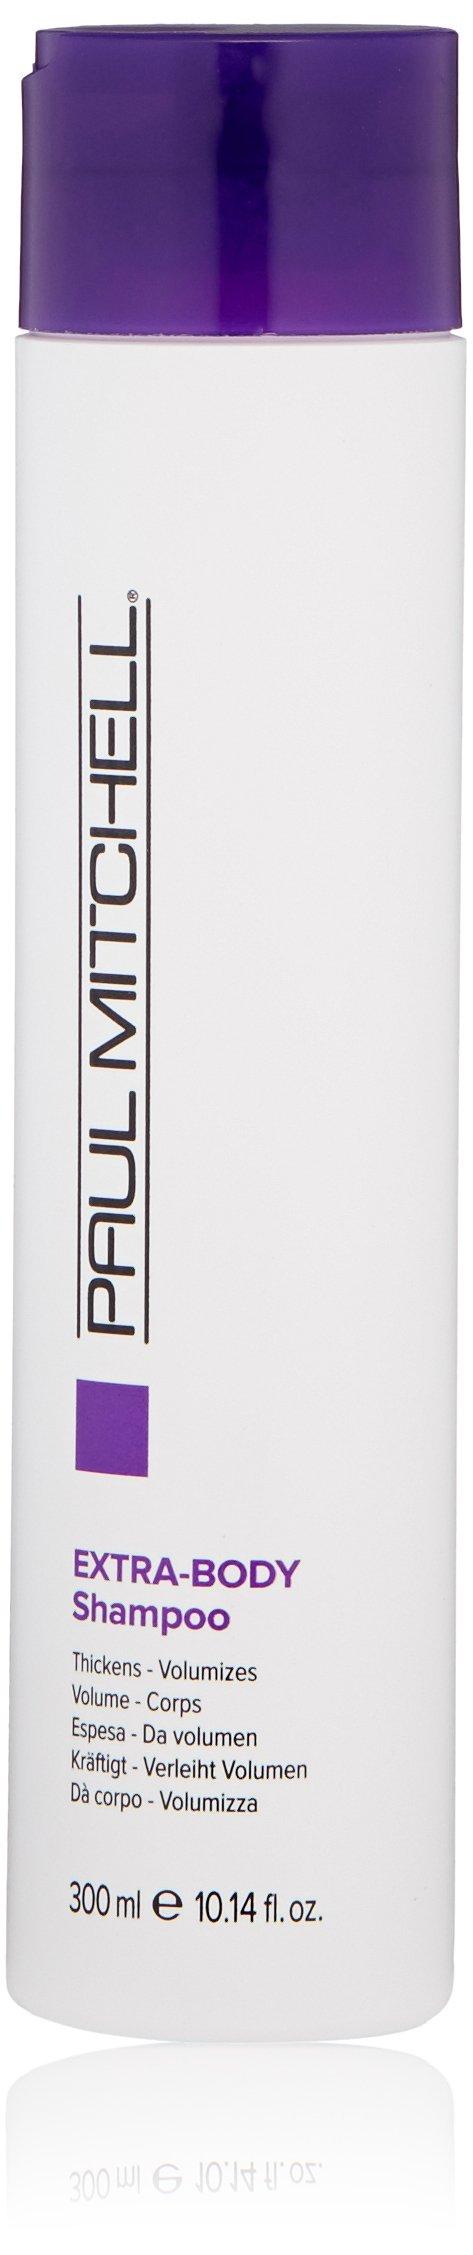 Paul Mitchell Extra-Body Shampoo,10.14 Fl Oz